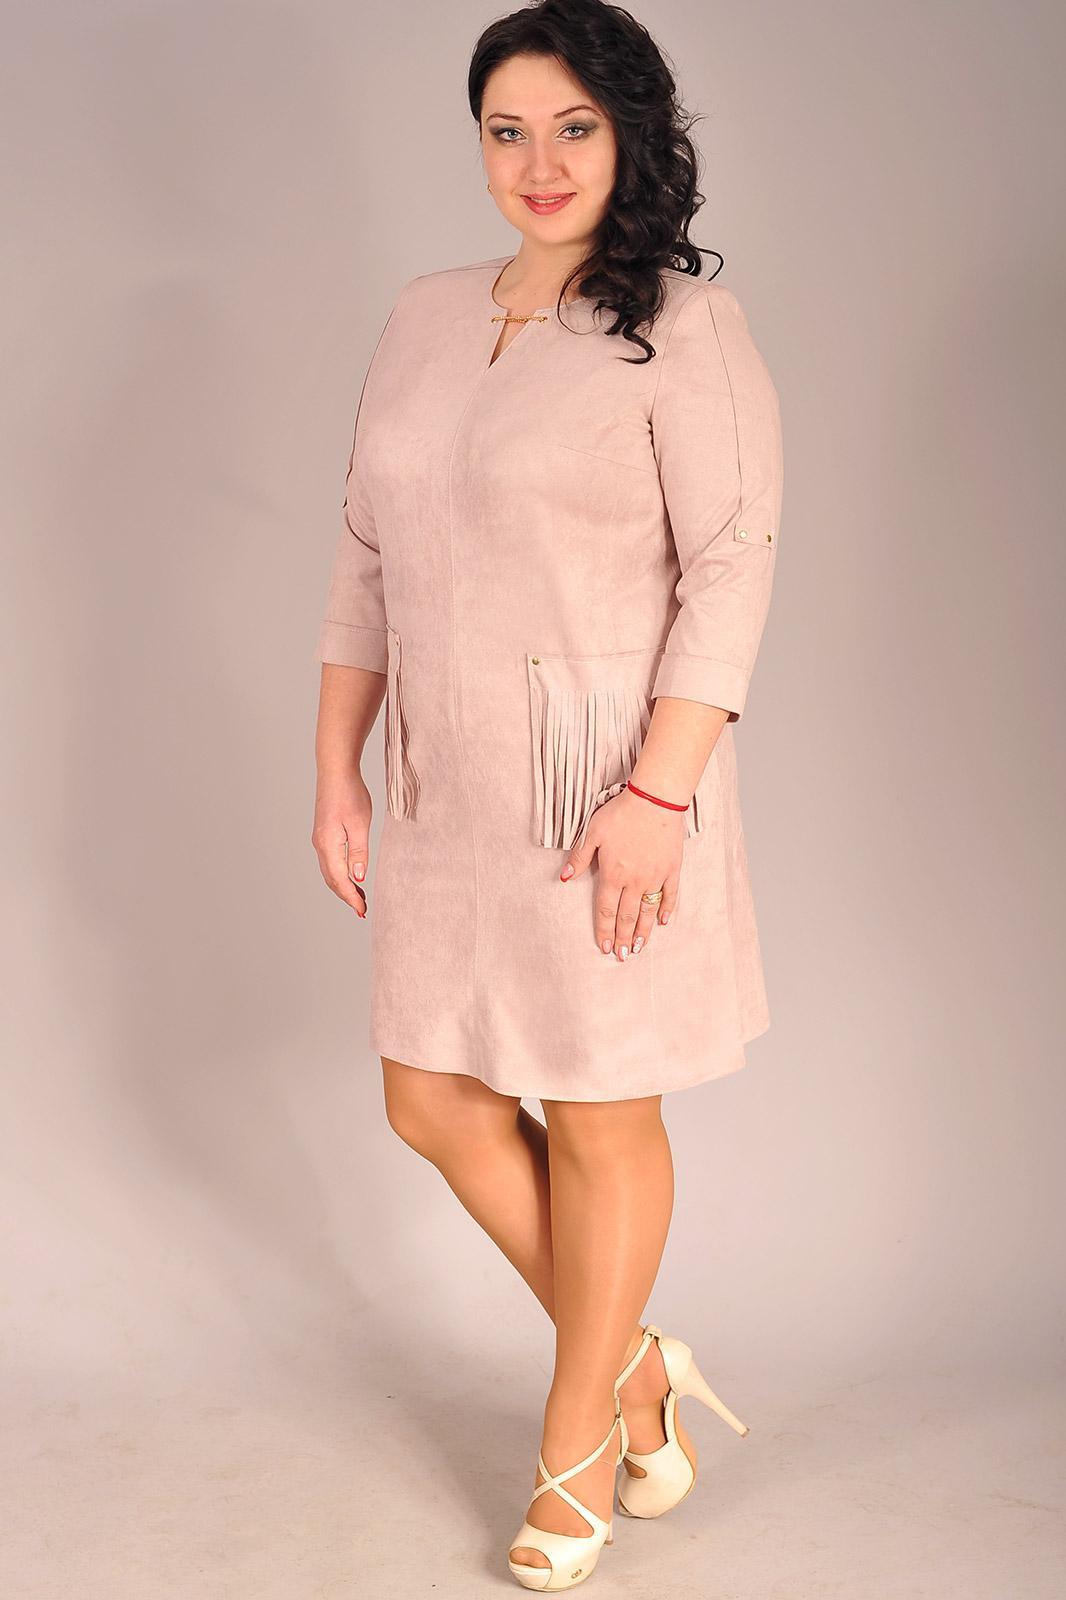 Купить Платье Edibor, 1049 пудра, Беларусь